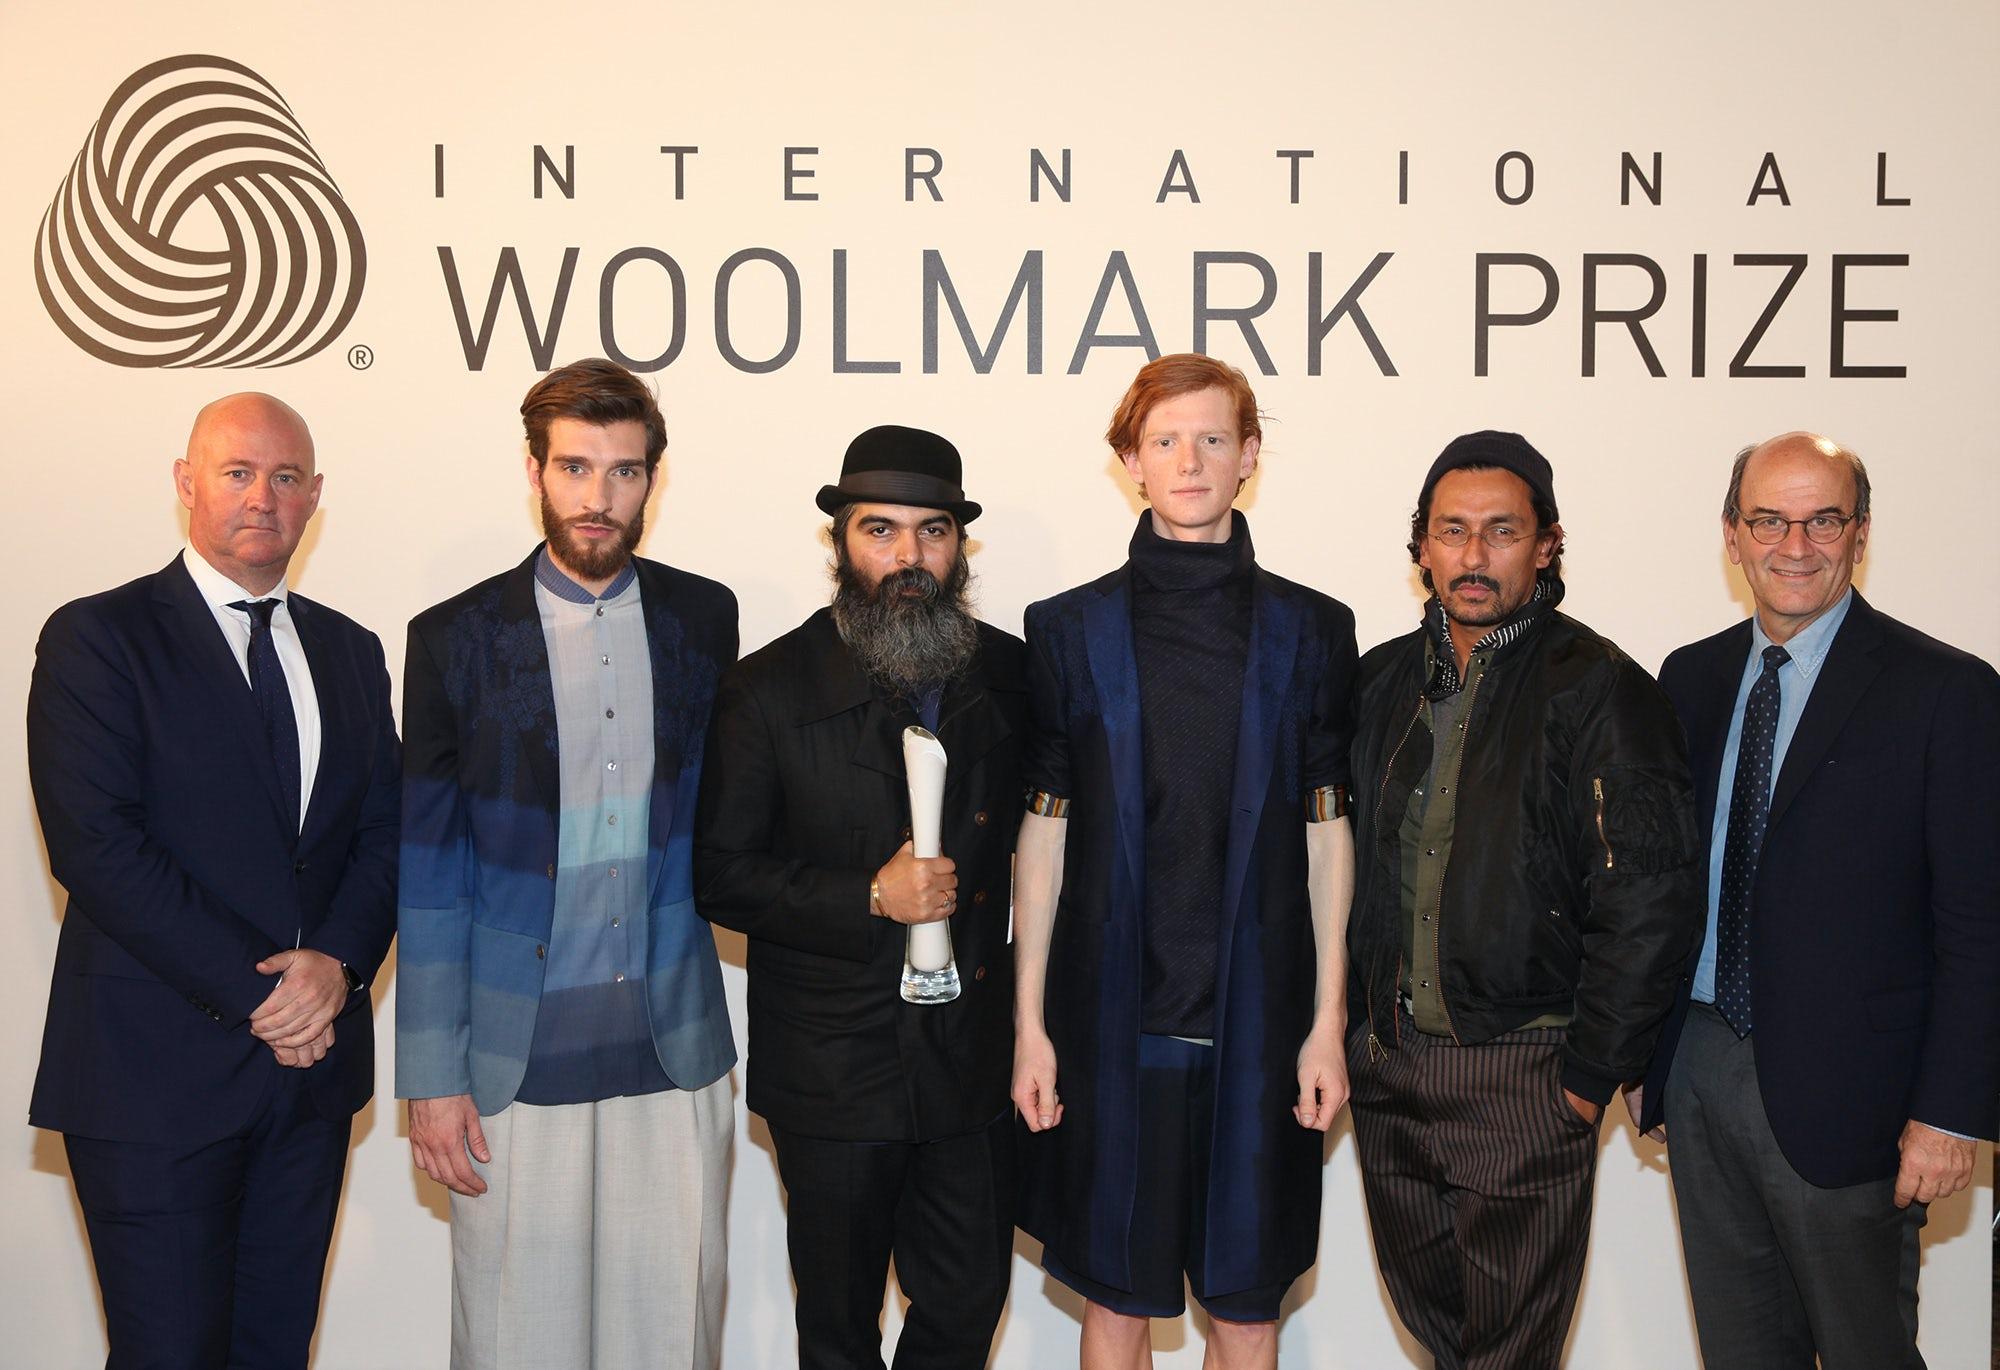 Stuart McCullough, Suket Dhir, Haider Ackermann, Raffaello Napoleone and models   Source: Courtesy